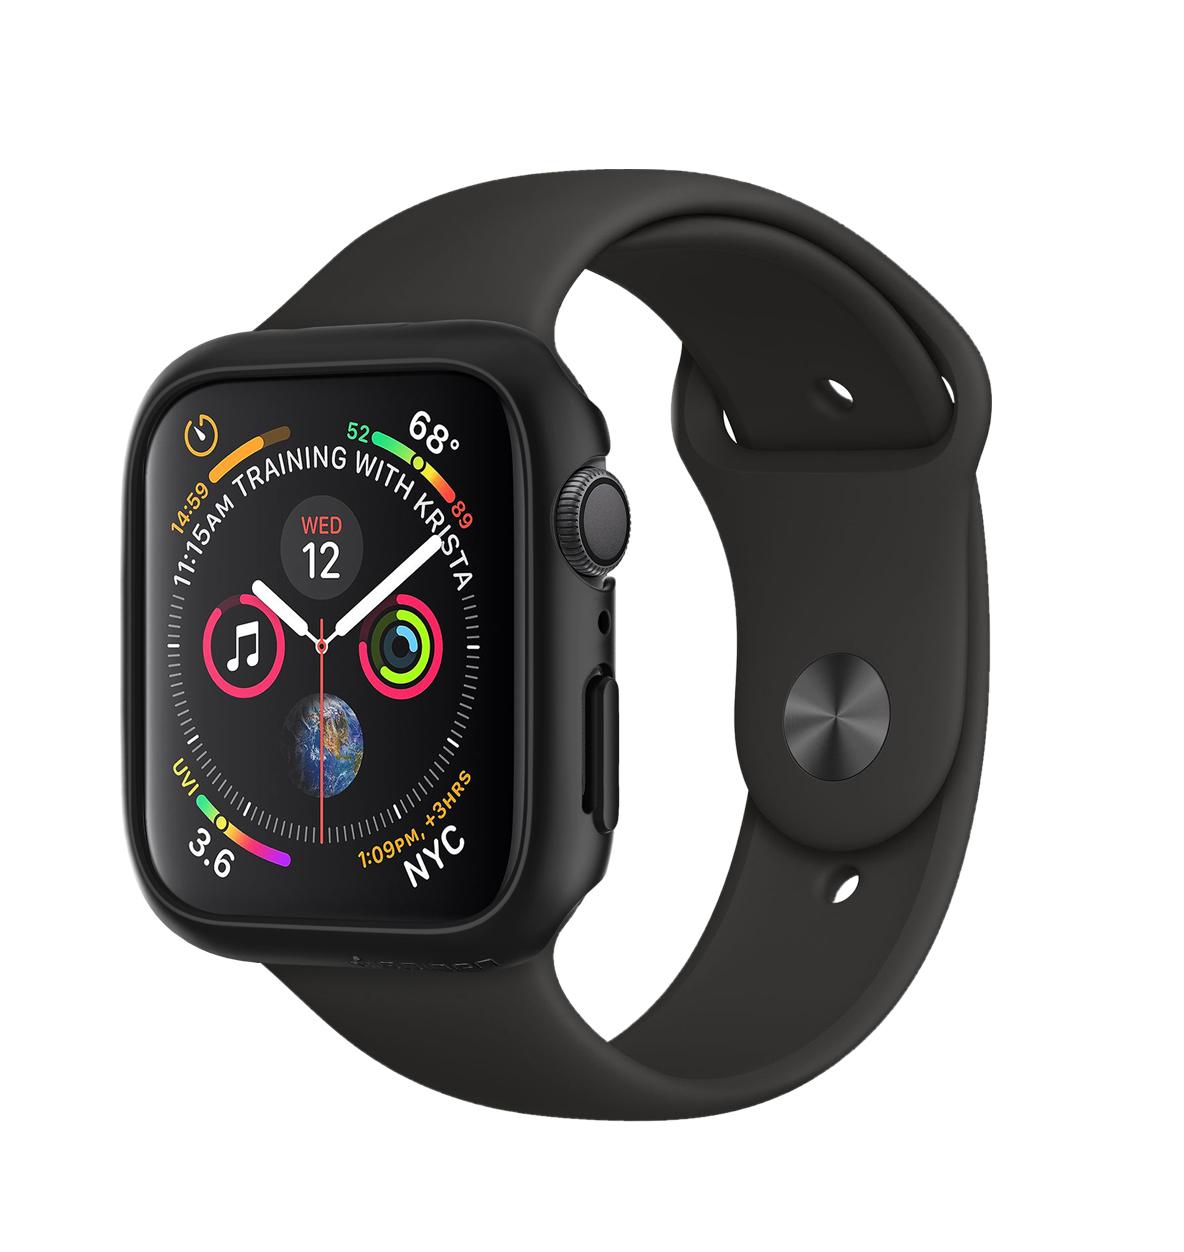 Θήκη Spigen Thin Fit για Apple Watch Series 4 40mm Black 061CS24484